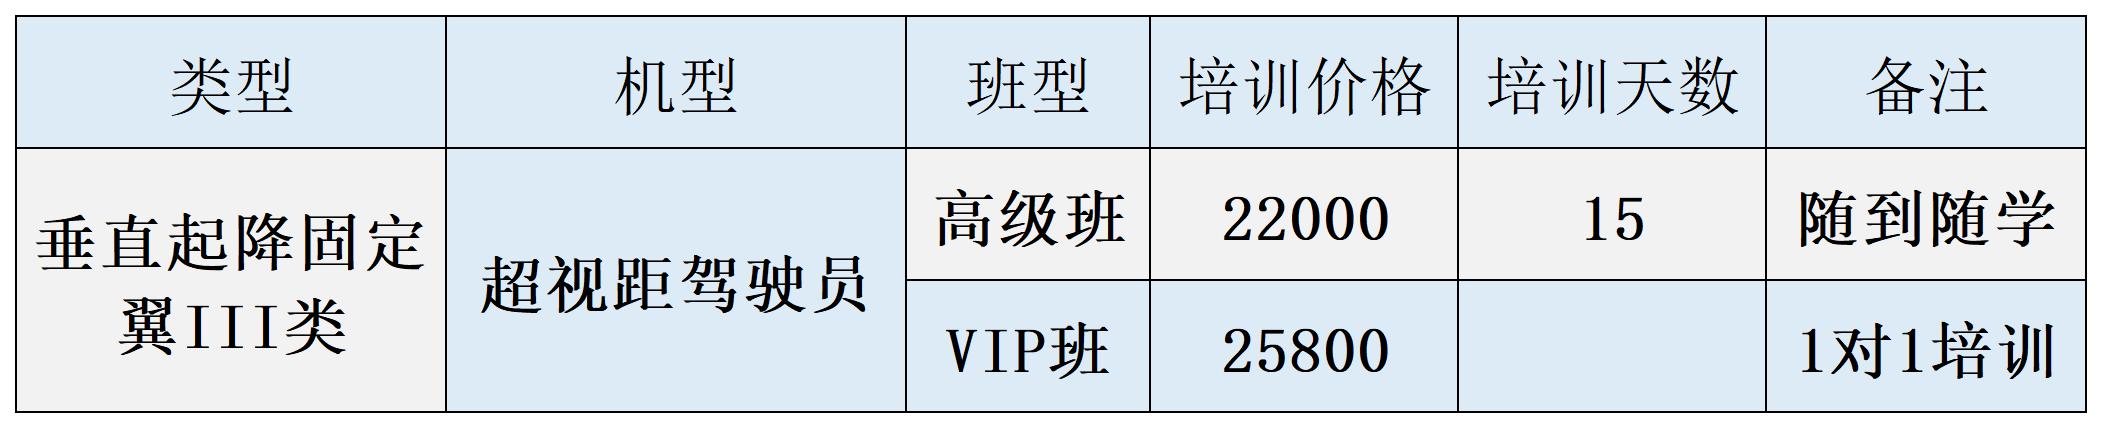 工作簿3_A1F3.png